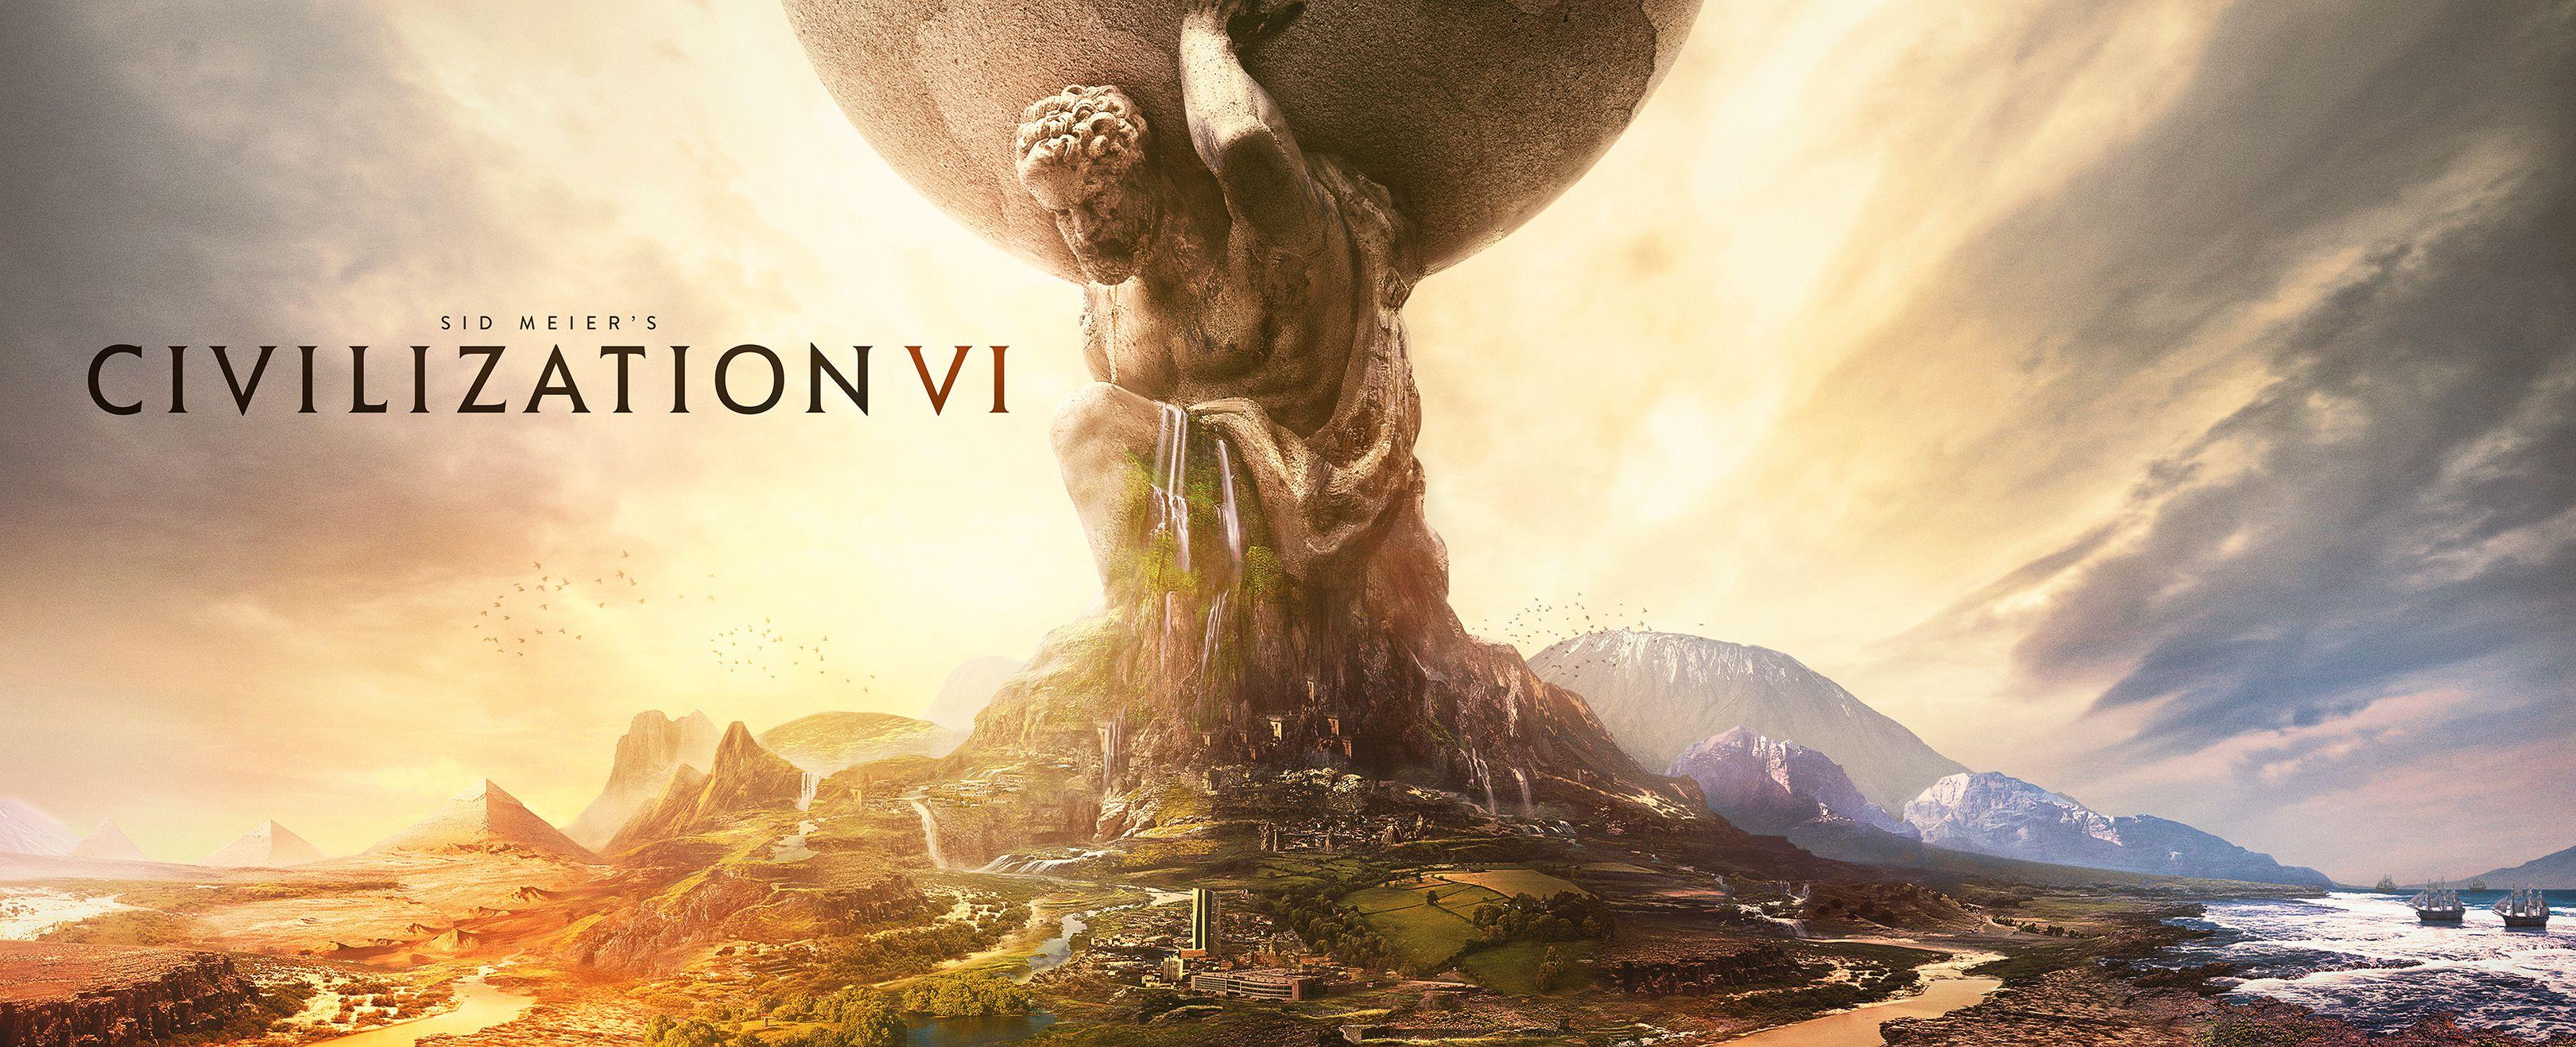 Civilization 6 release date in Brisbane